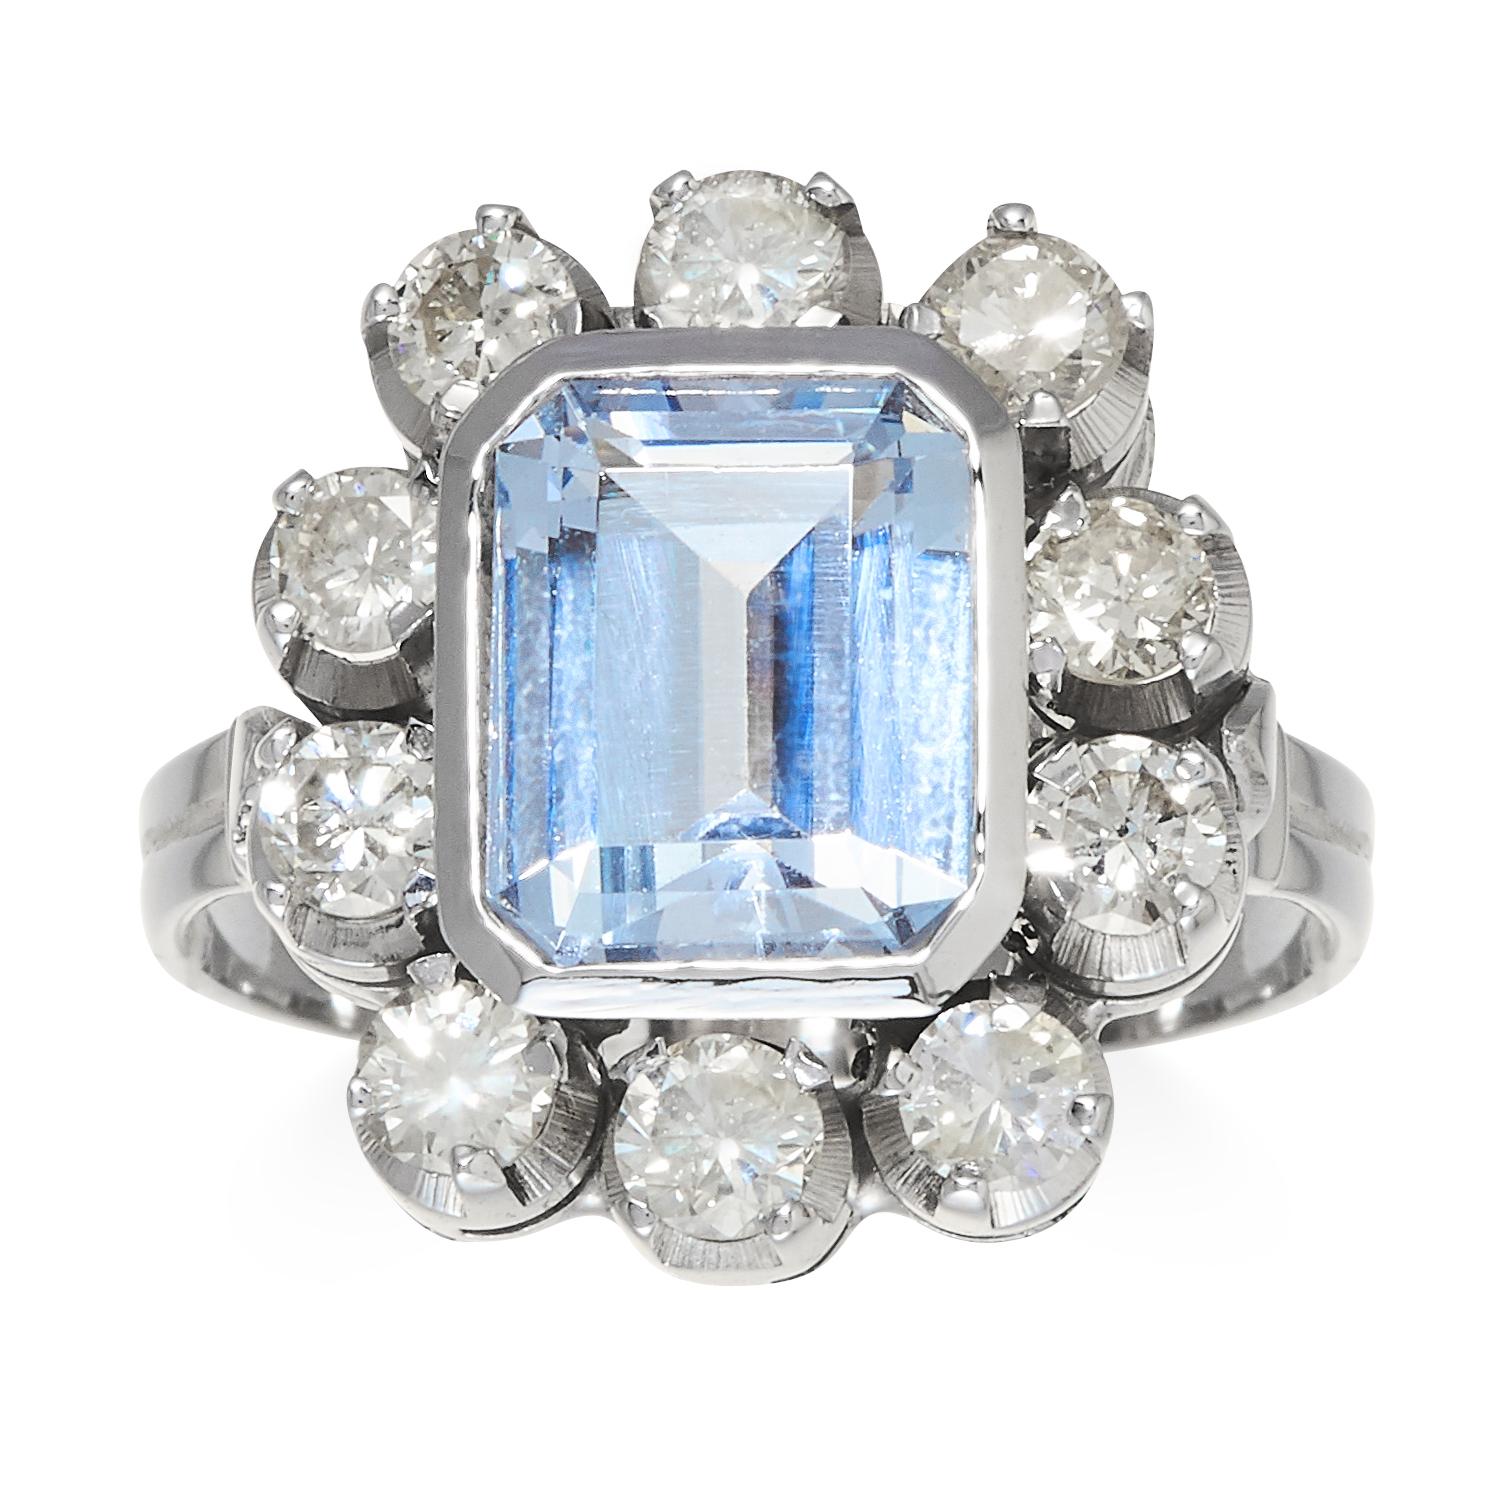 Los 21 - AN ART DECO AQUAMARINE AND DIAMOND RING in platinum or white gold, the emerald cut aquamarine of 2.